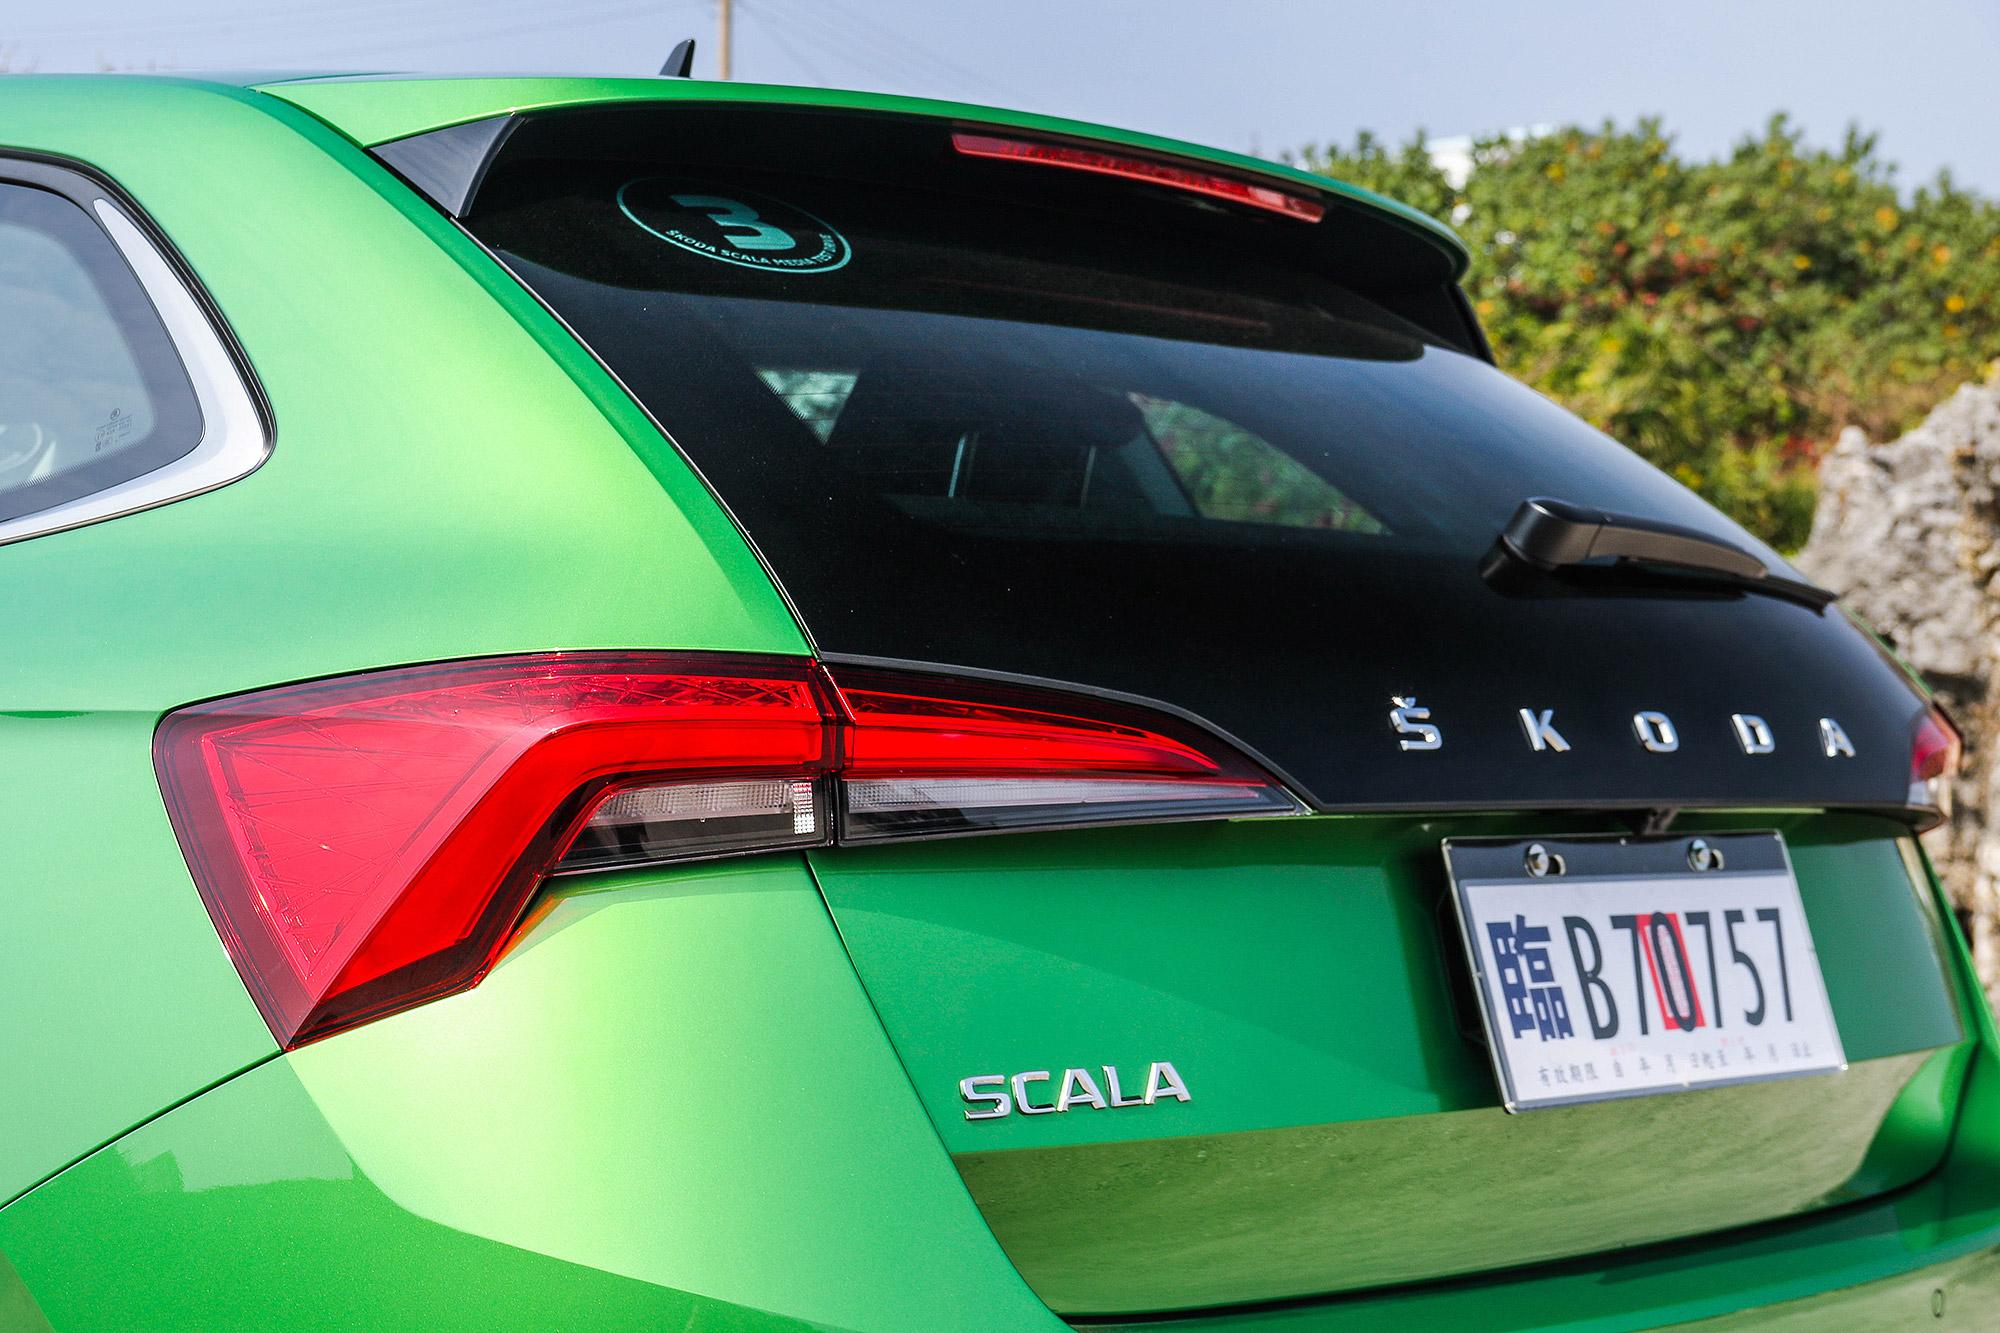 Scala 車尾運用平均排列的品牌字母作為品牌識別。